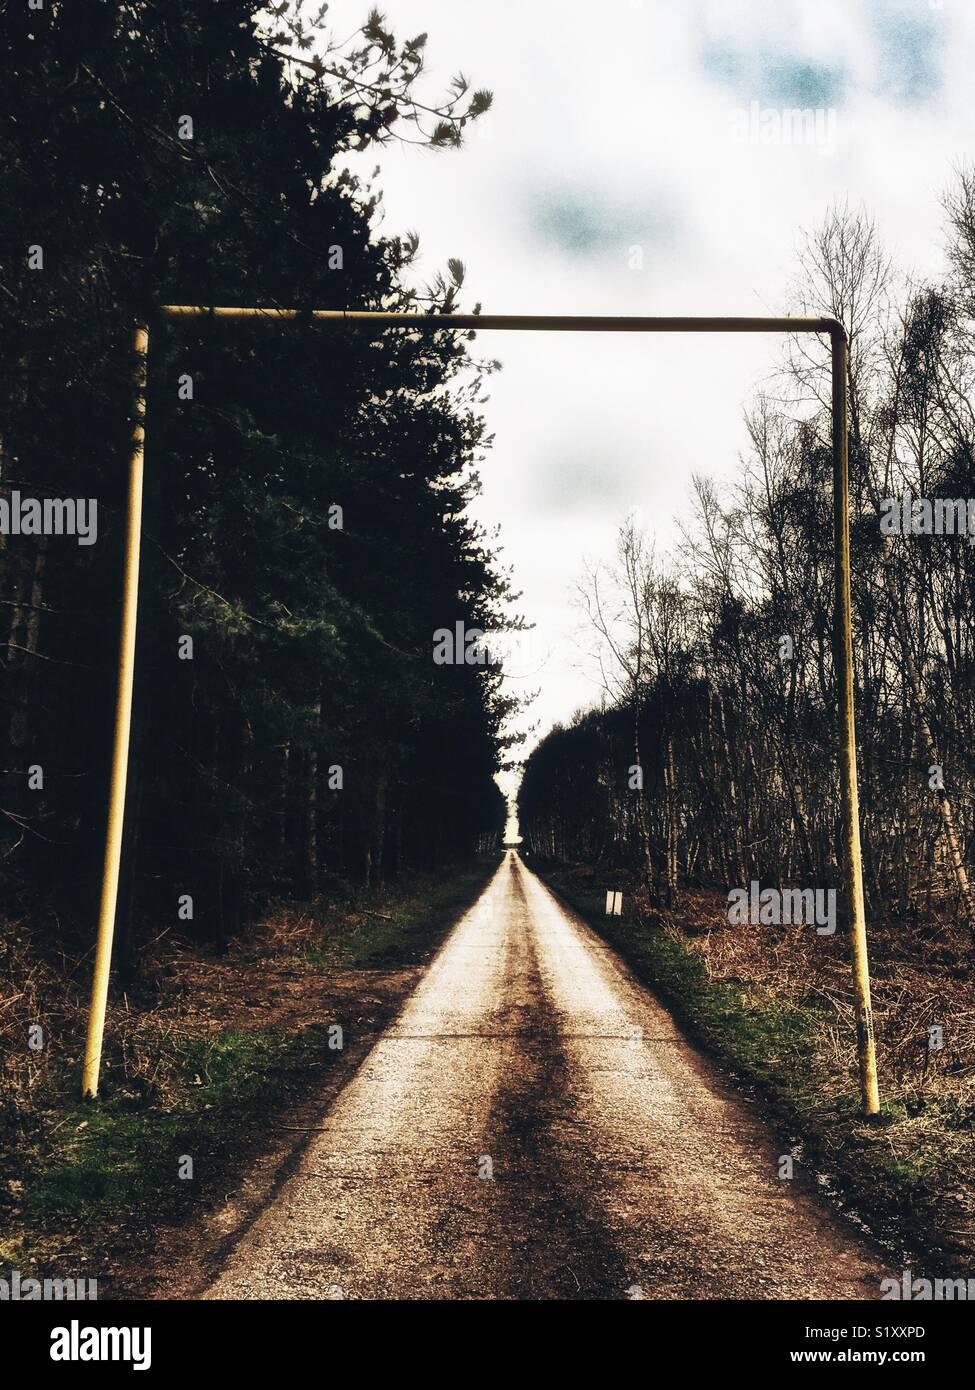 La voie de la porte Est, Rendelsham forest, Suffolk, Angleterre. En 1980 un incident OVNI aurait eu lieu près Photo Stock